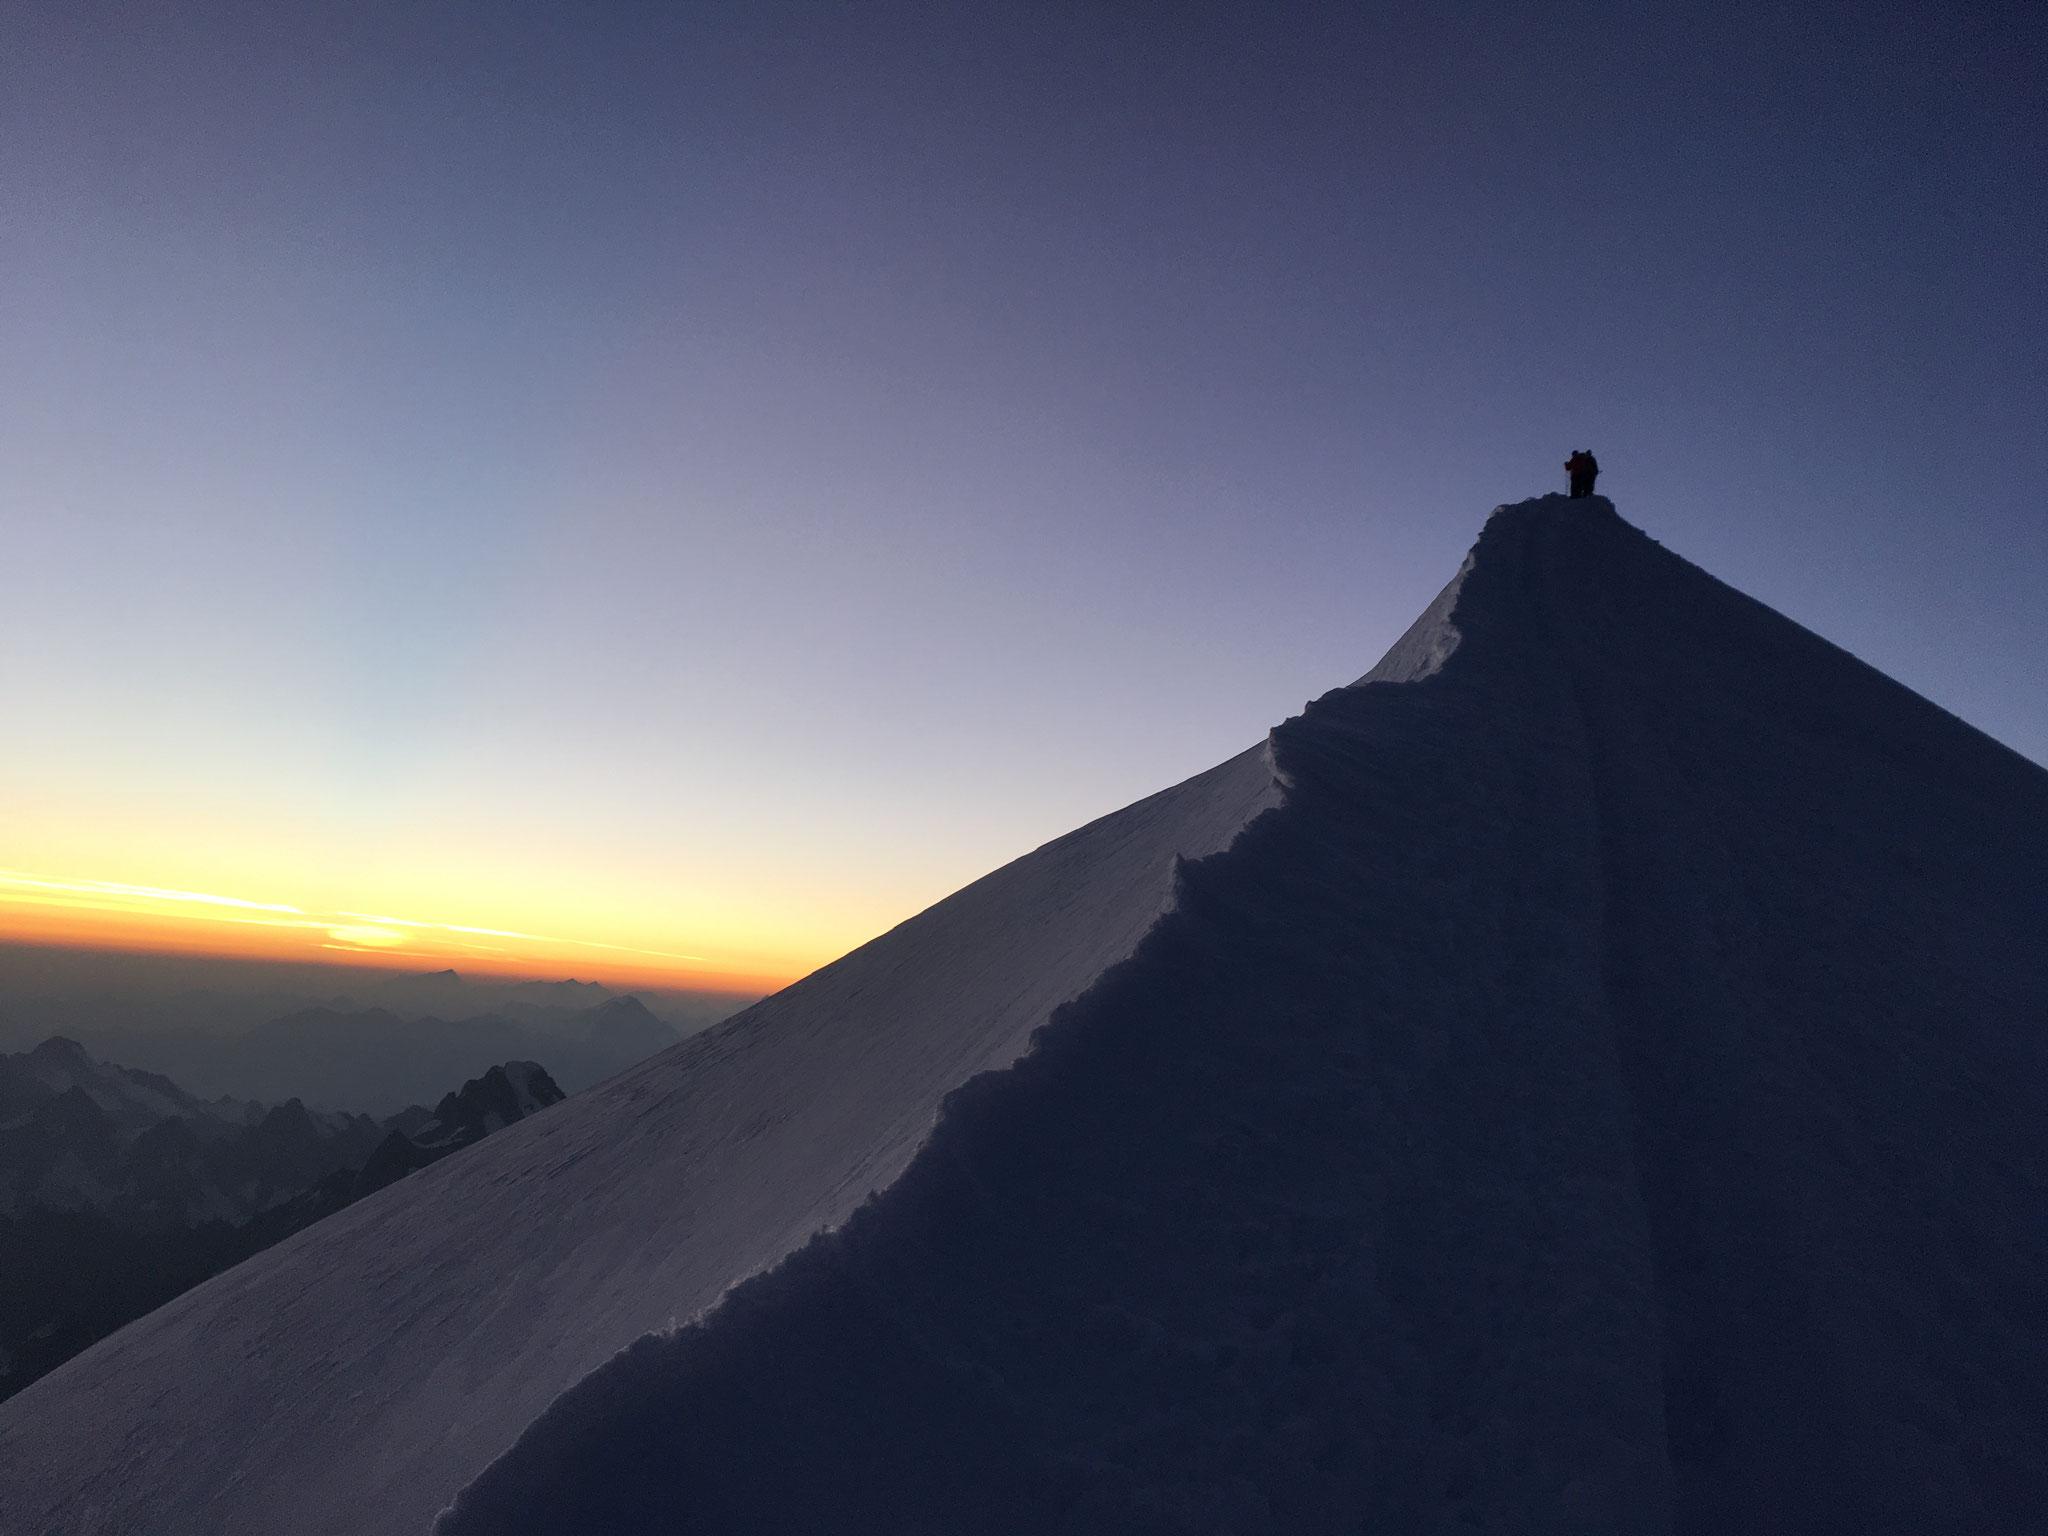 Premières lumières et déjà une cordée au sommet